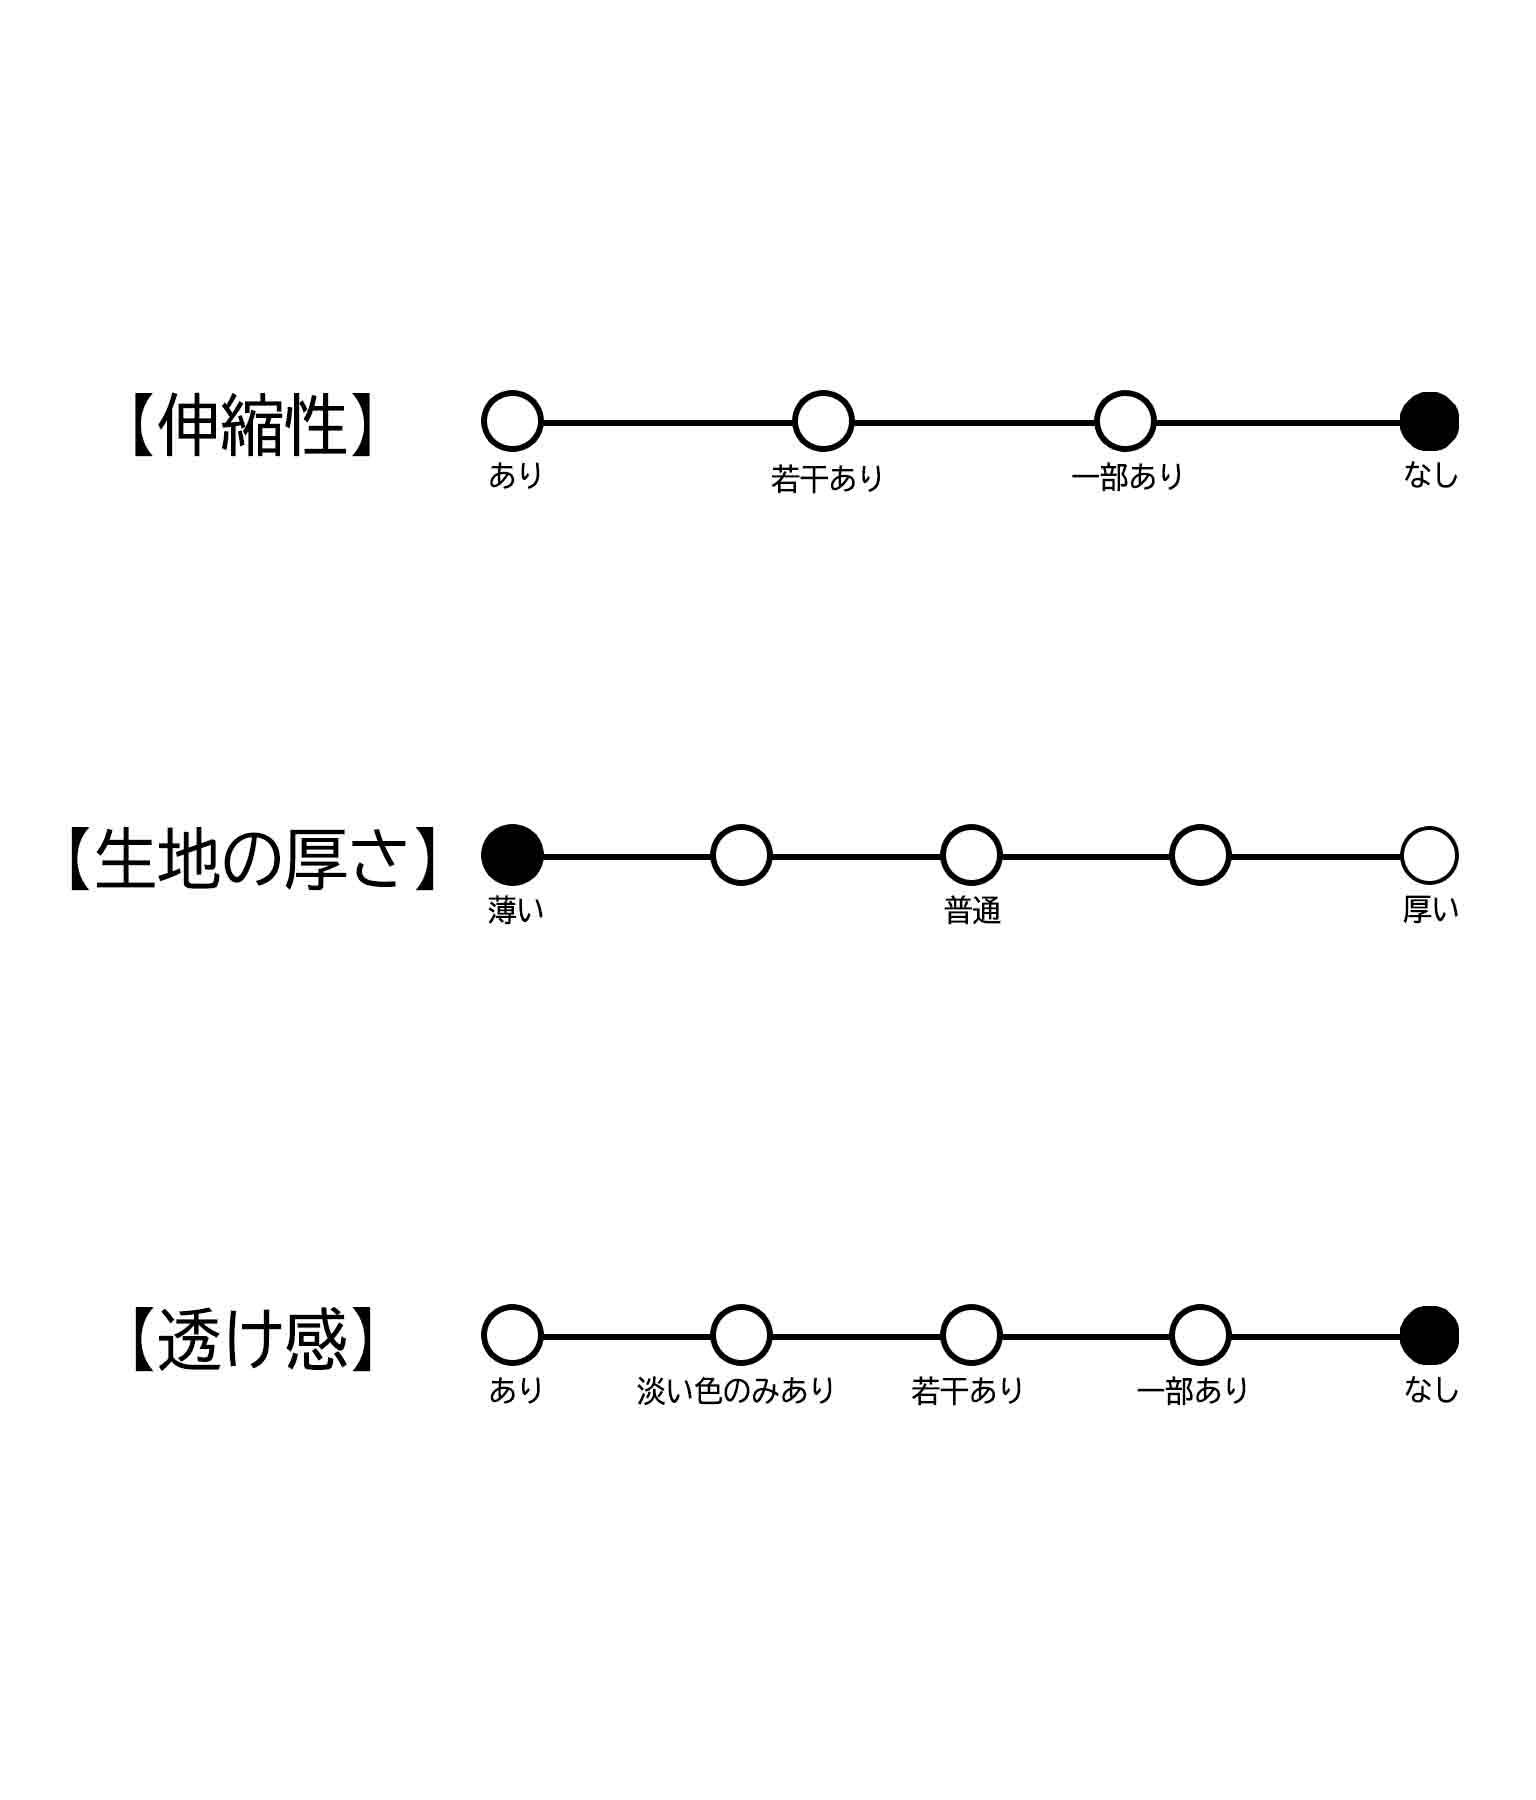 ピーチ起毛サロペット(ワンピース・ドレス/サロペット/オールインワン) | anap mimpi